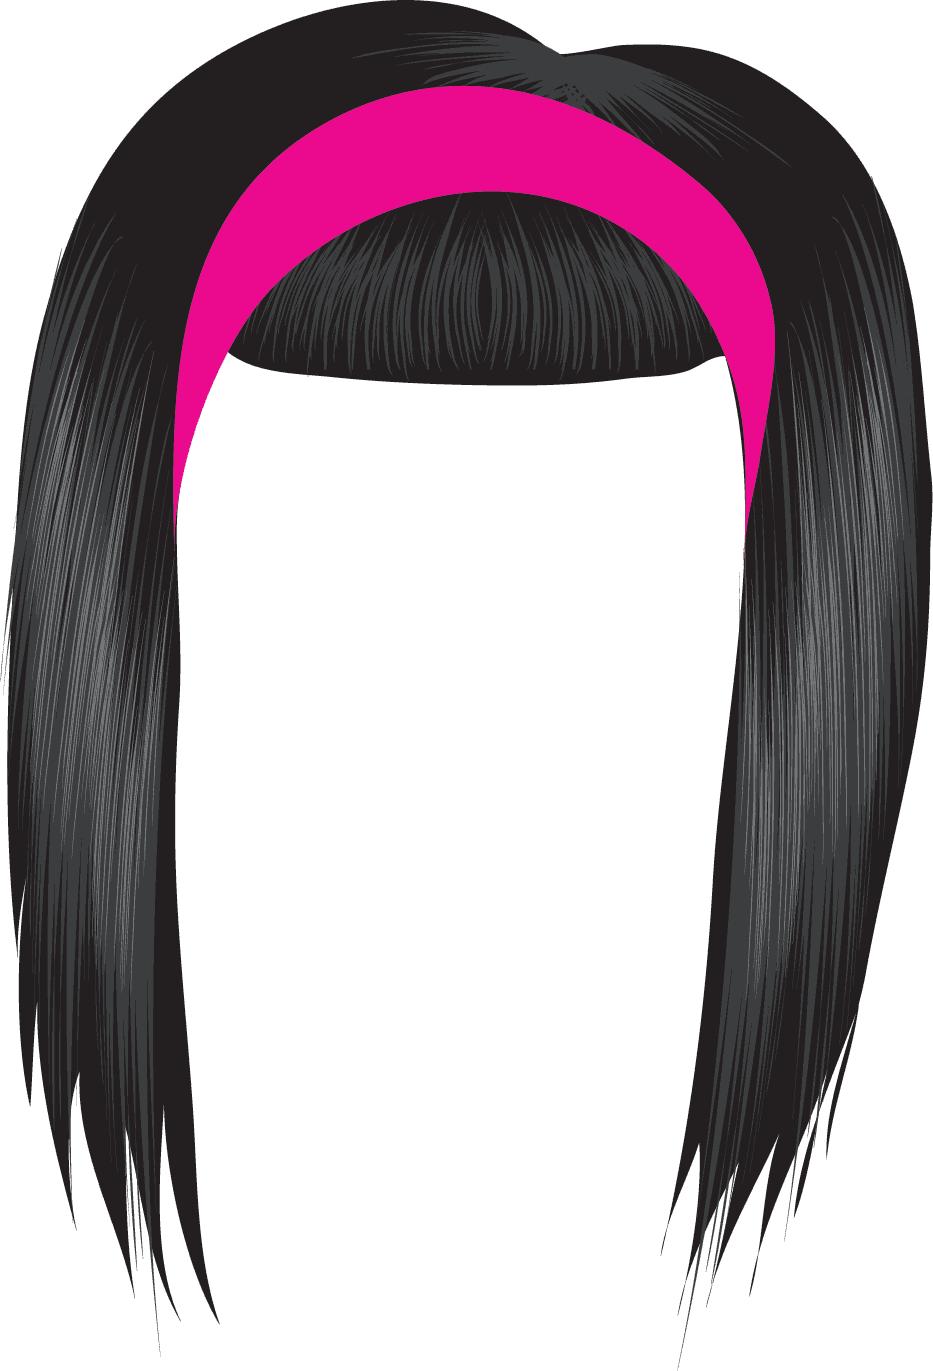 Black Hair Wig Clipart.